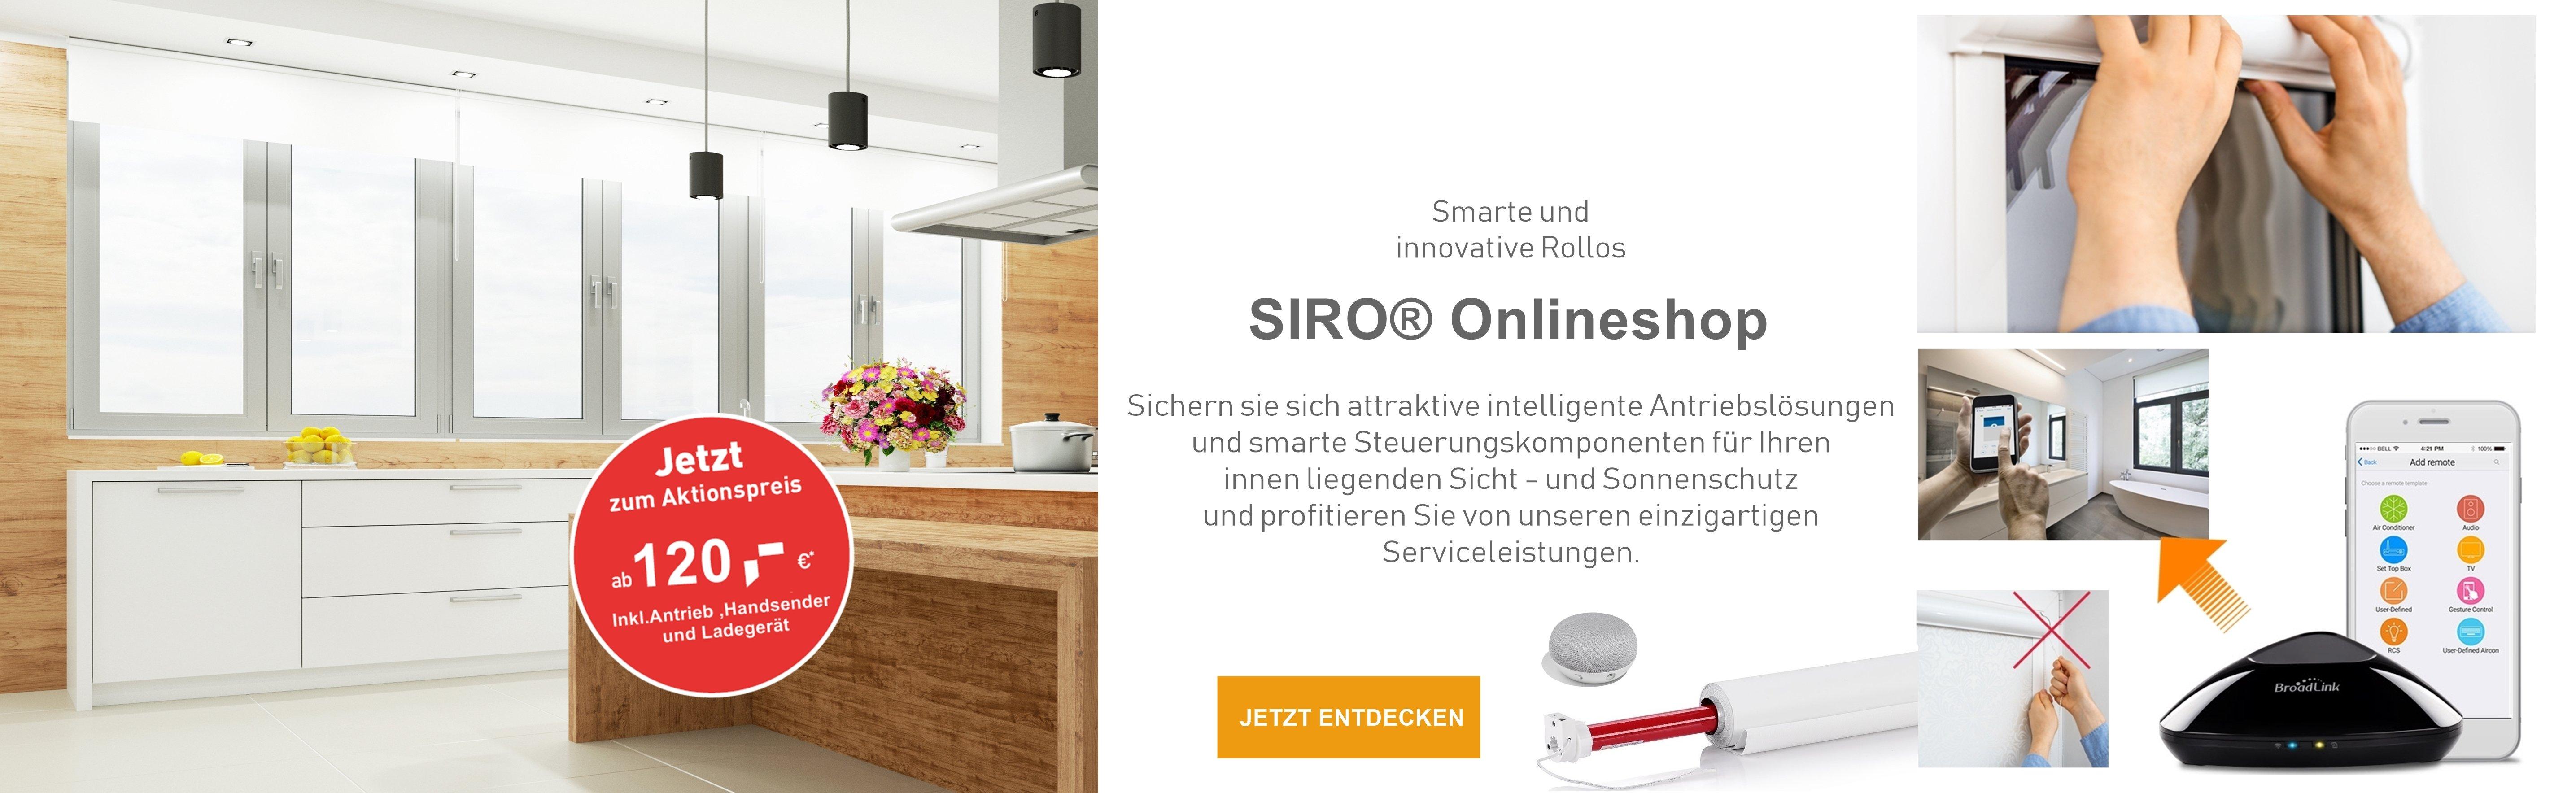 Großartig Elektrische Steckerdrahtfarben Ideen - Schaltplan Serie ...